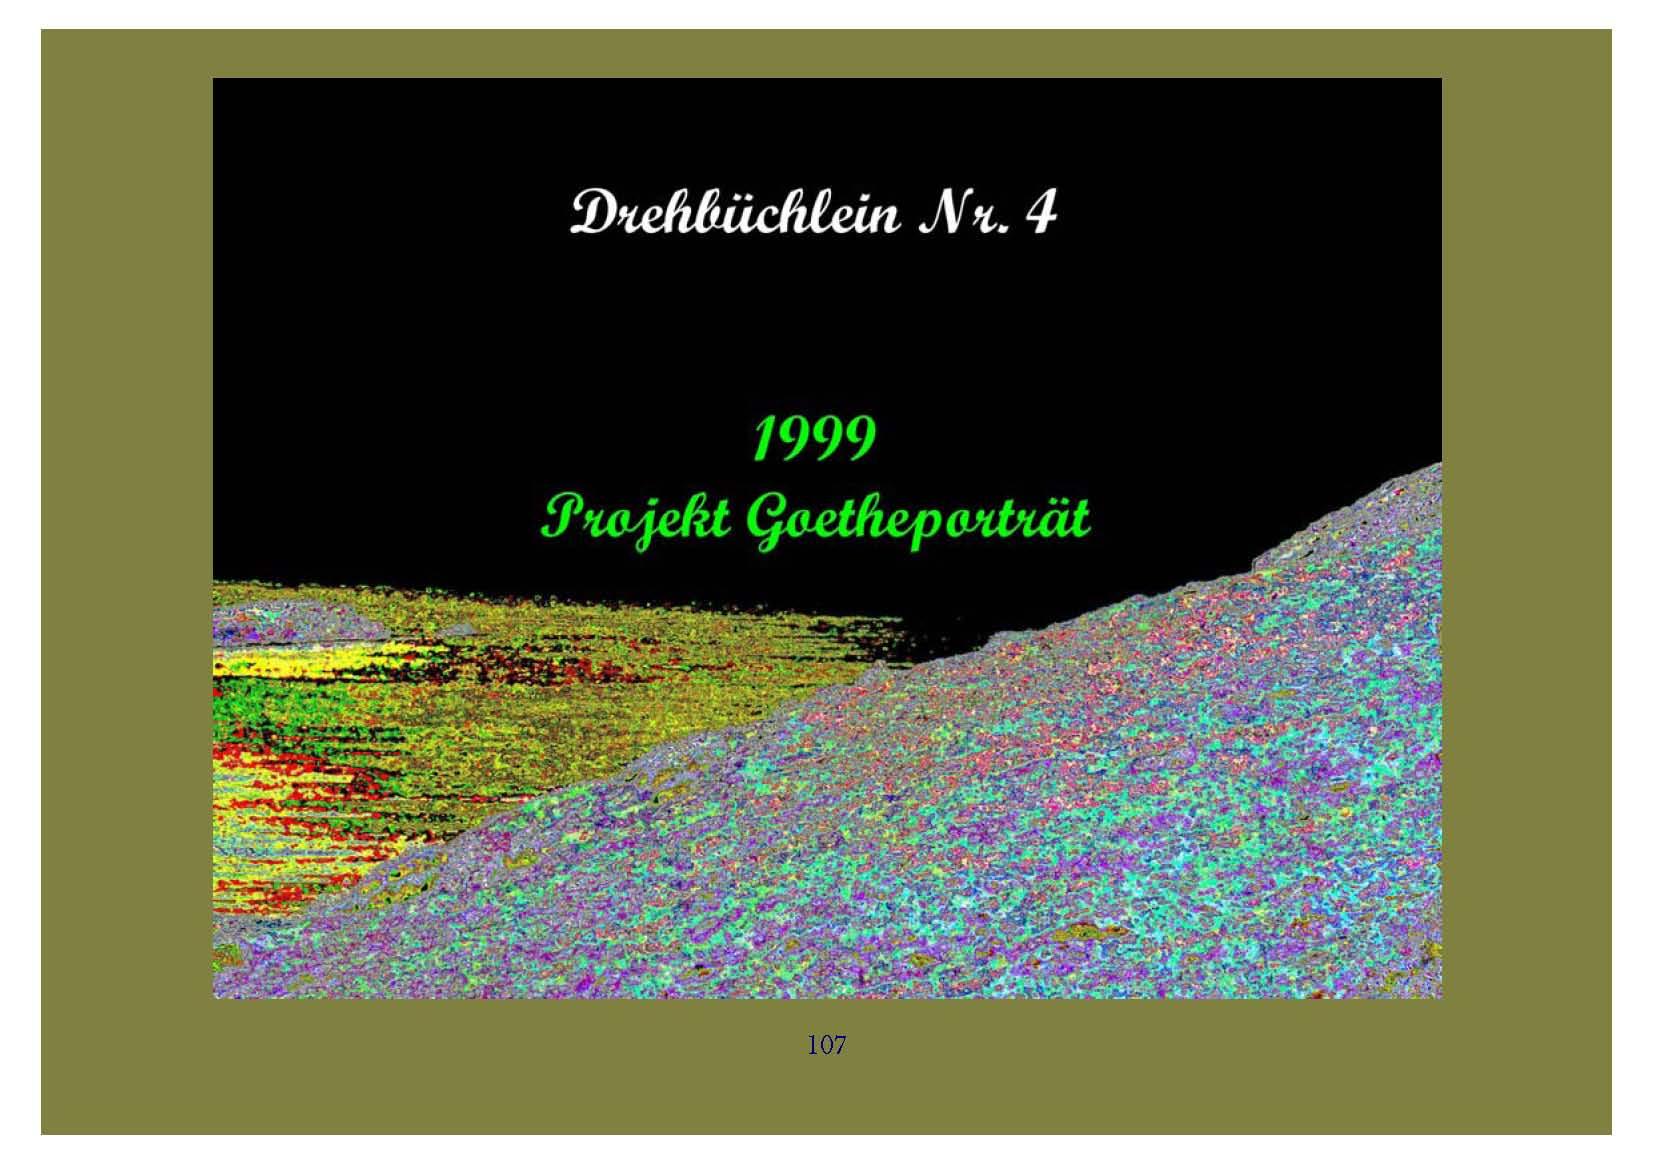 ™Gigabuch-Bibliothek/iAutobiographie Band 9/Bild 05604